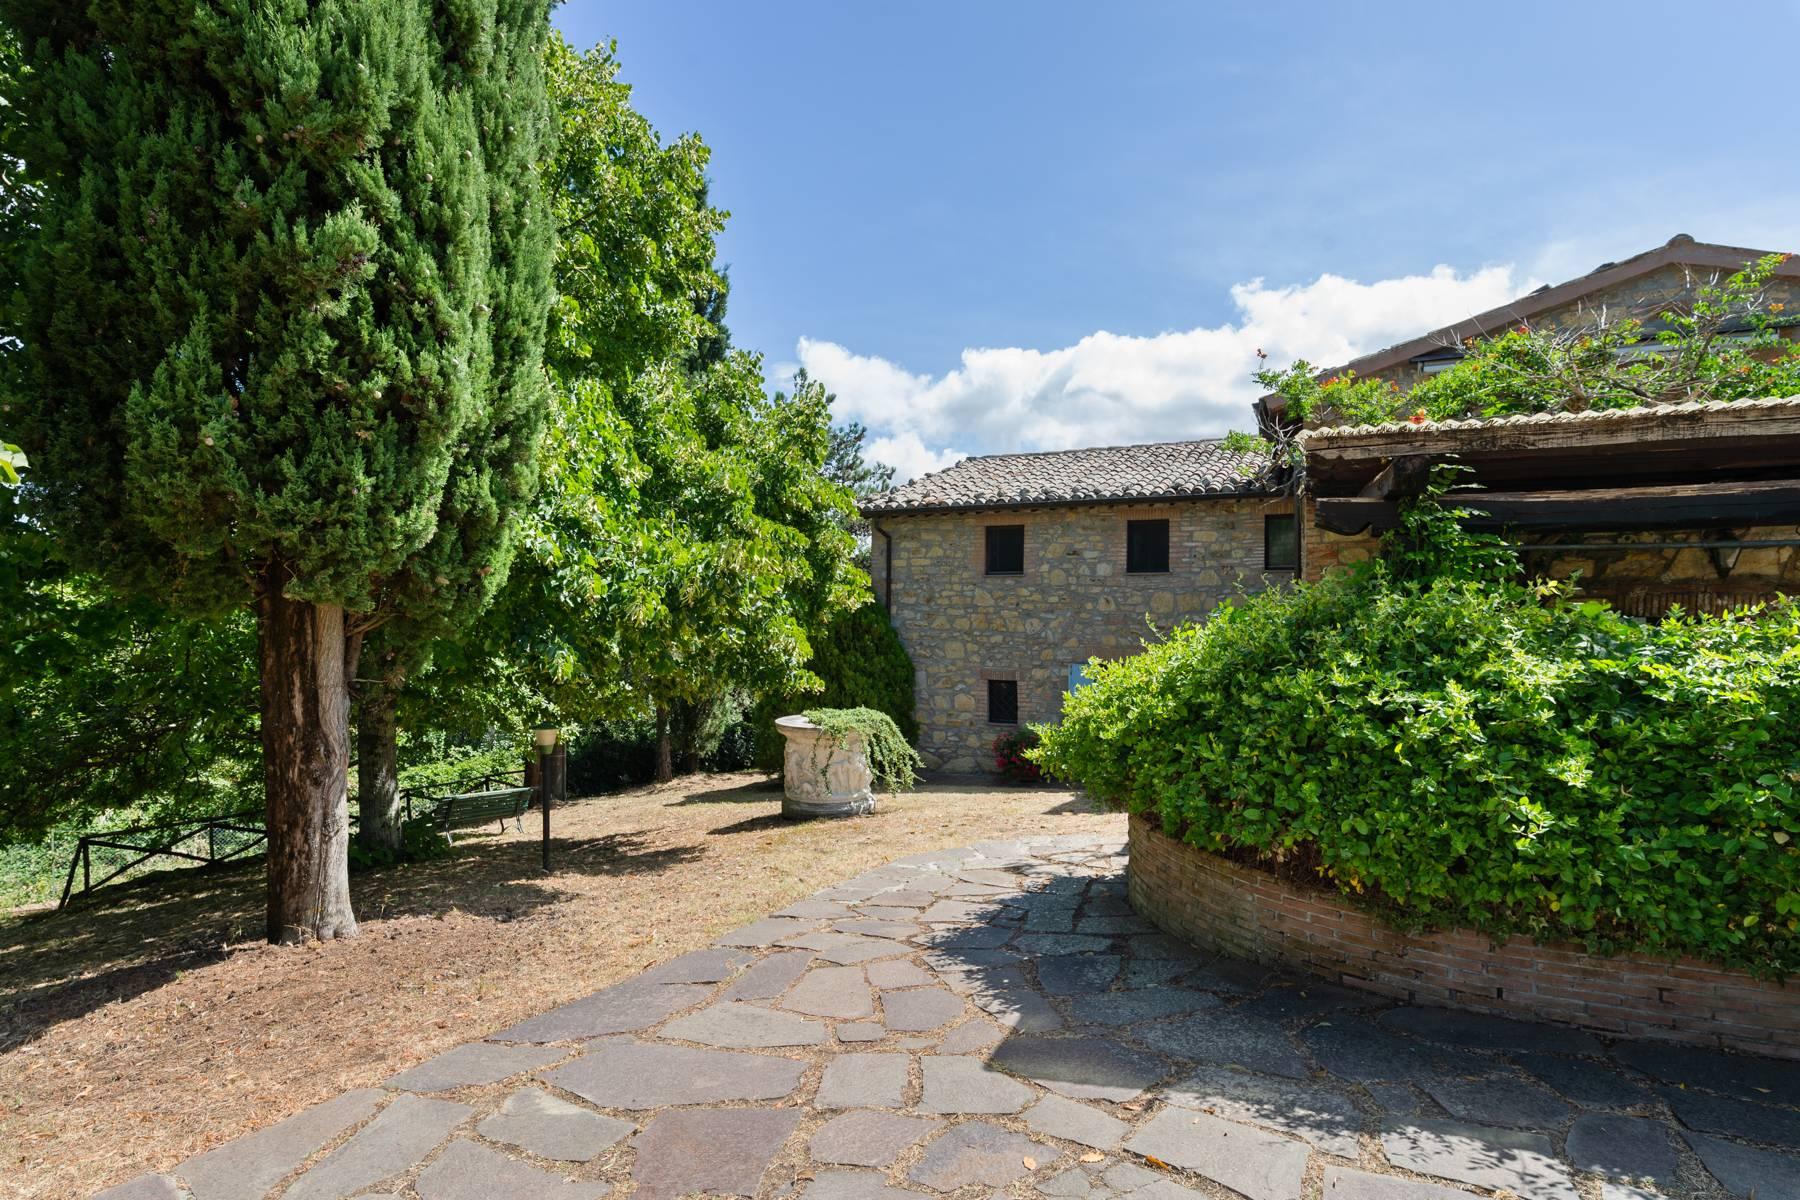 Rustico in Vendita a Orvieto: 5 locali, 484 mq - Foto 2